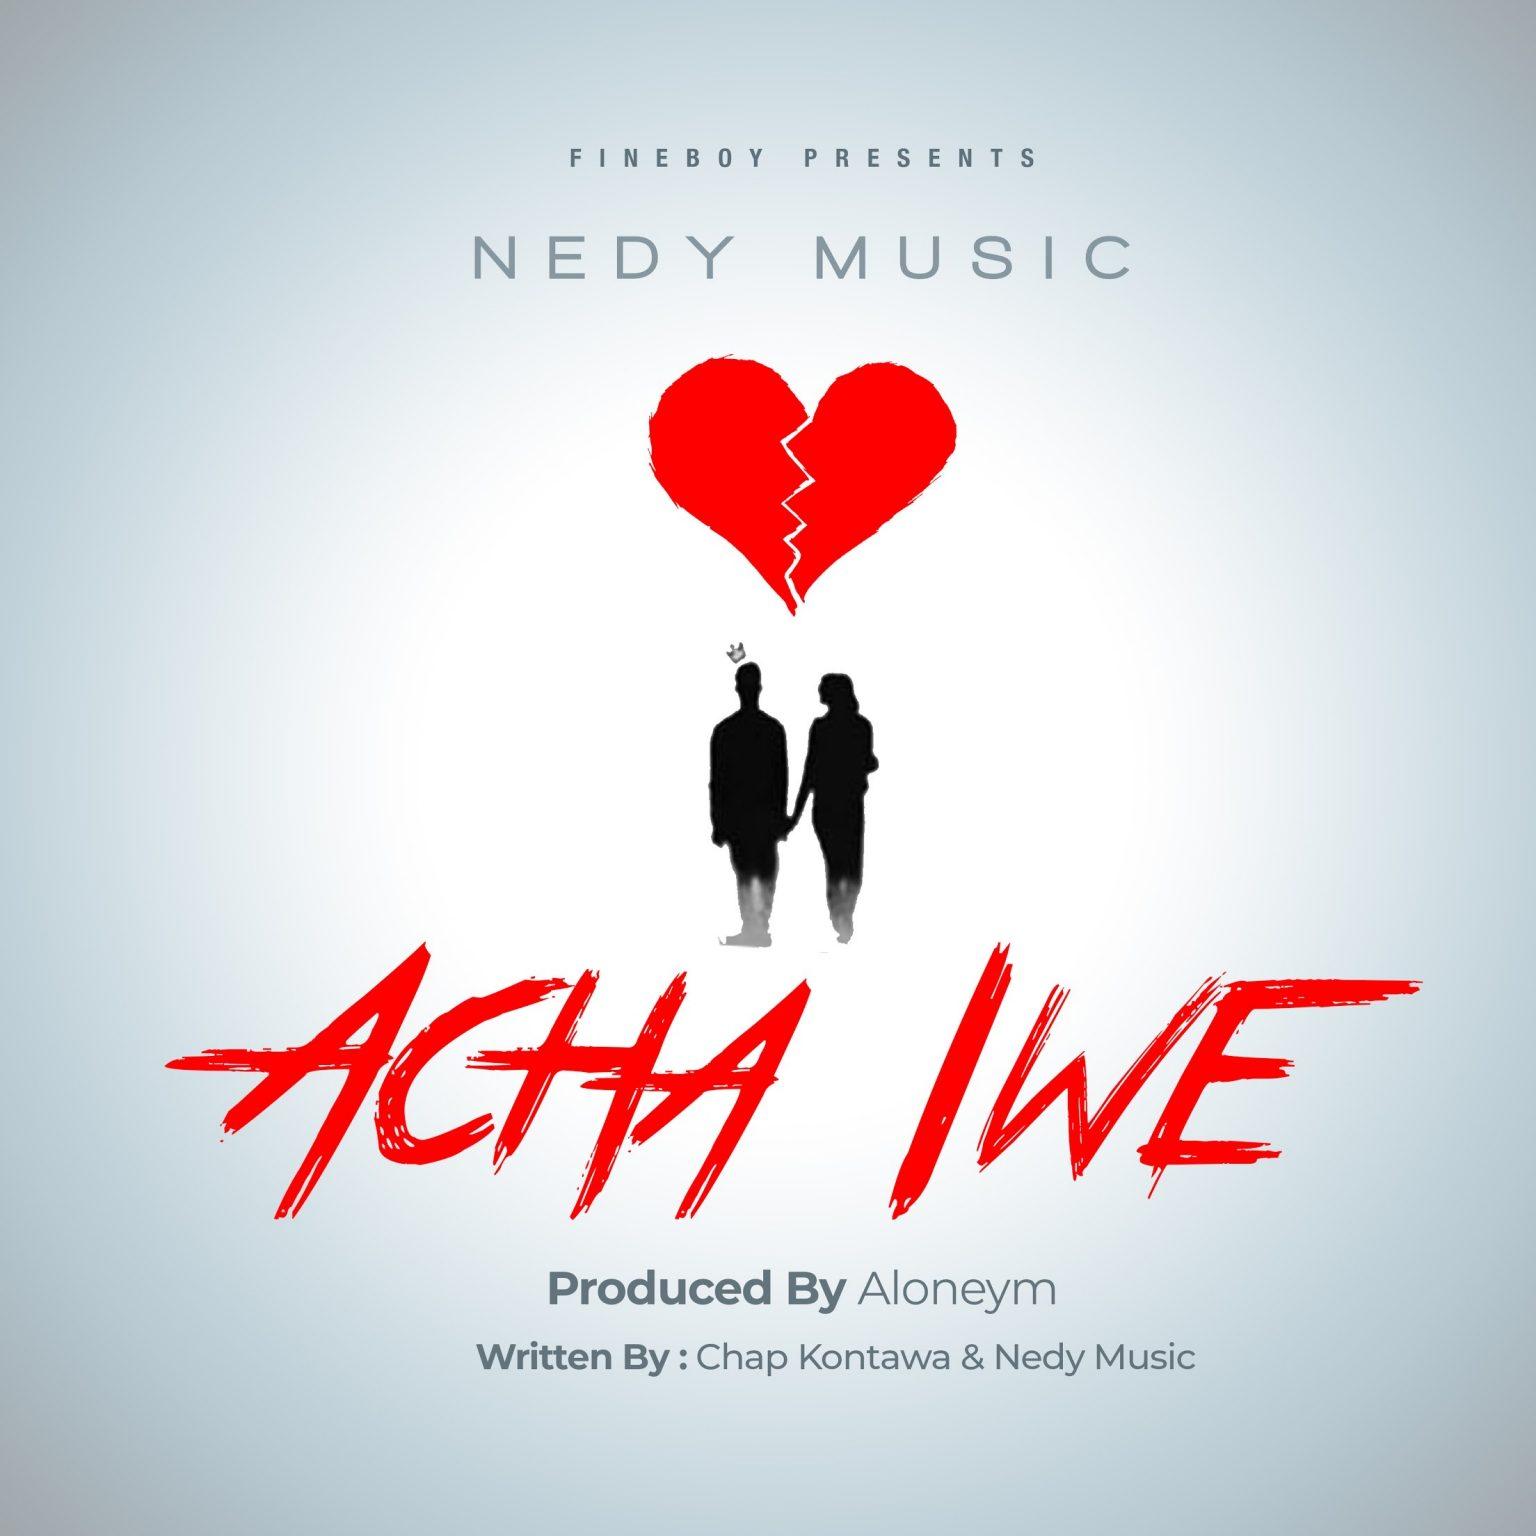 Nedy Music – Acha Iwe